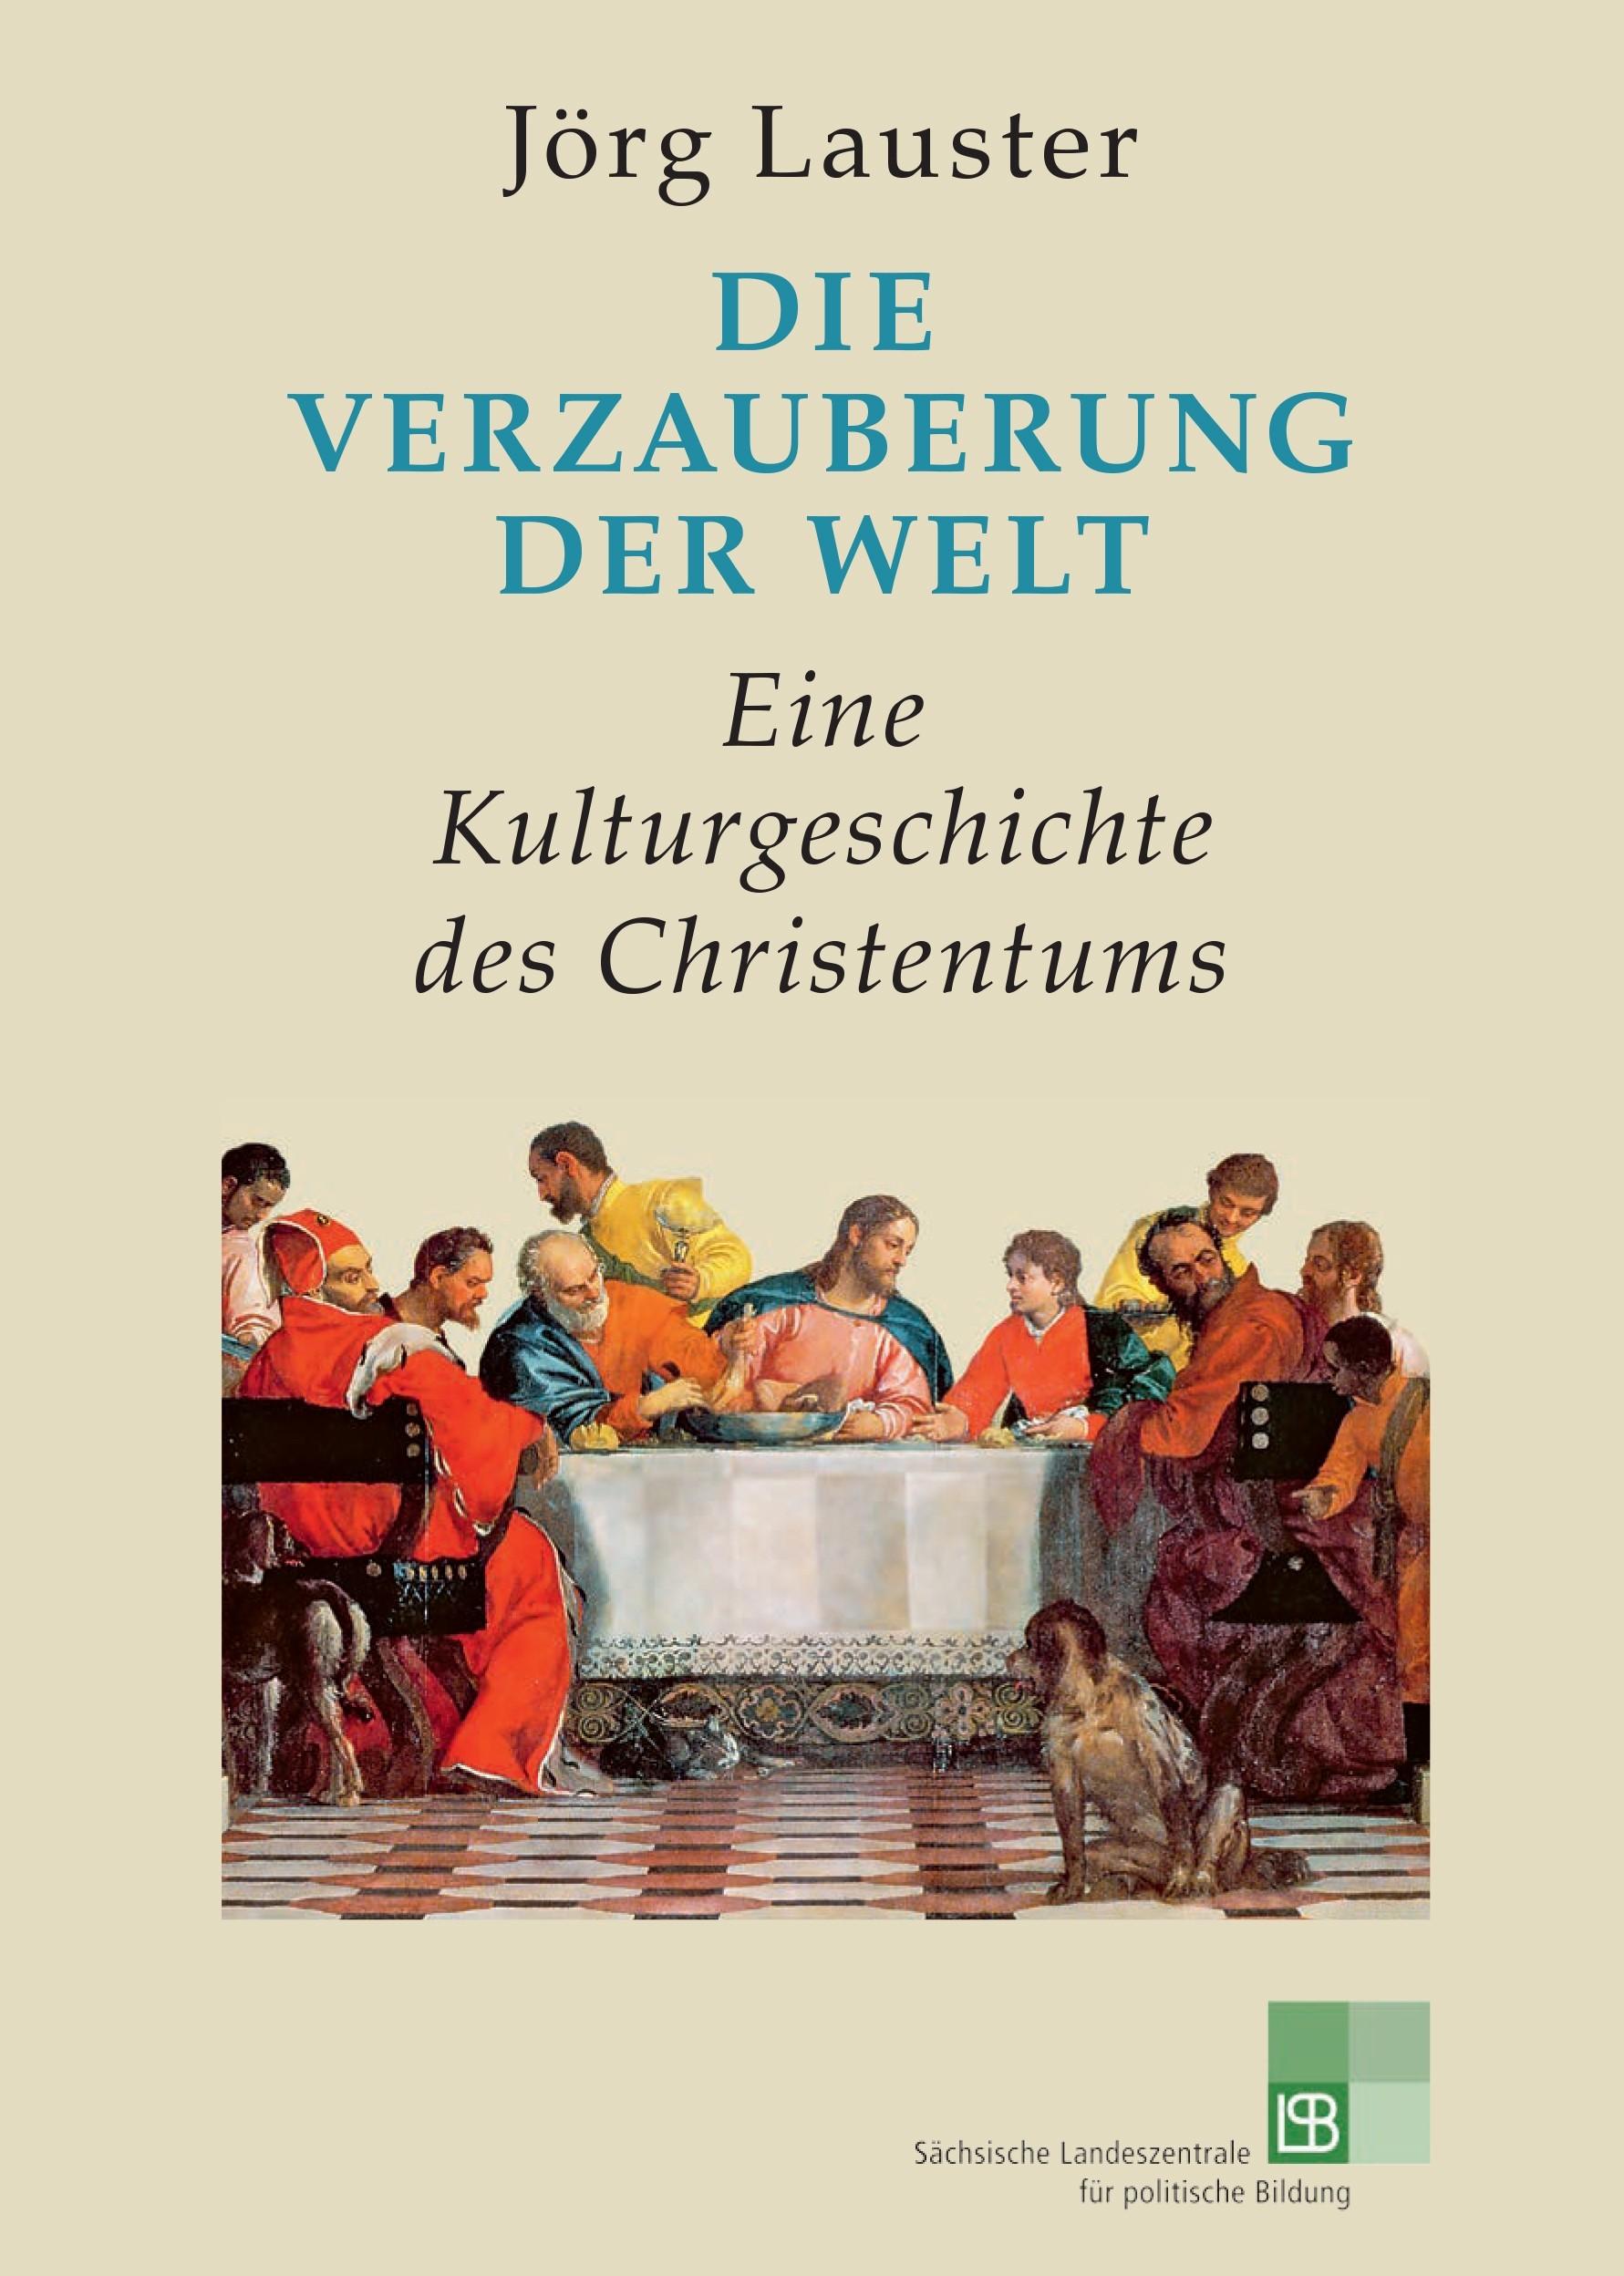 Titelseite groß 610* Die Verzauberung der Welt. Eine Kulturgeschichte des Christentums